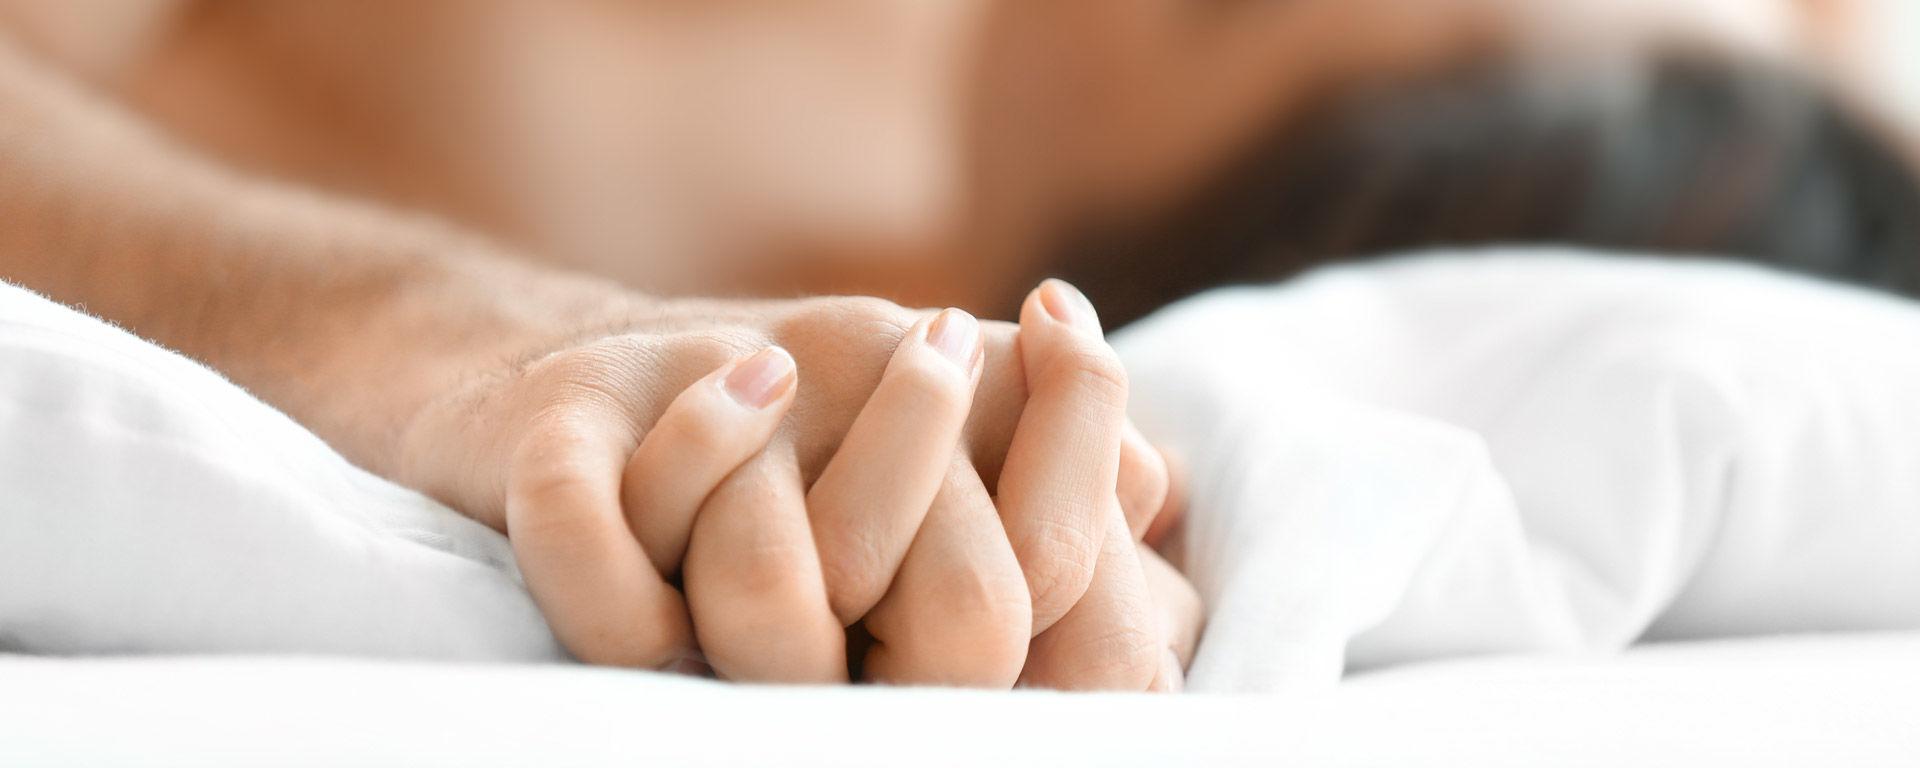 Hyväkysymys.fi erbjuder kunskap och stöd i frågor relaterade till sexualitet.